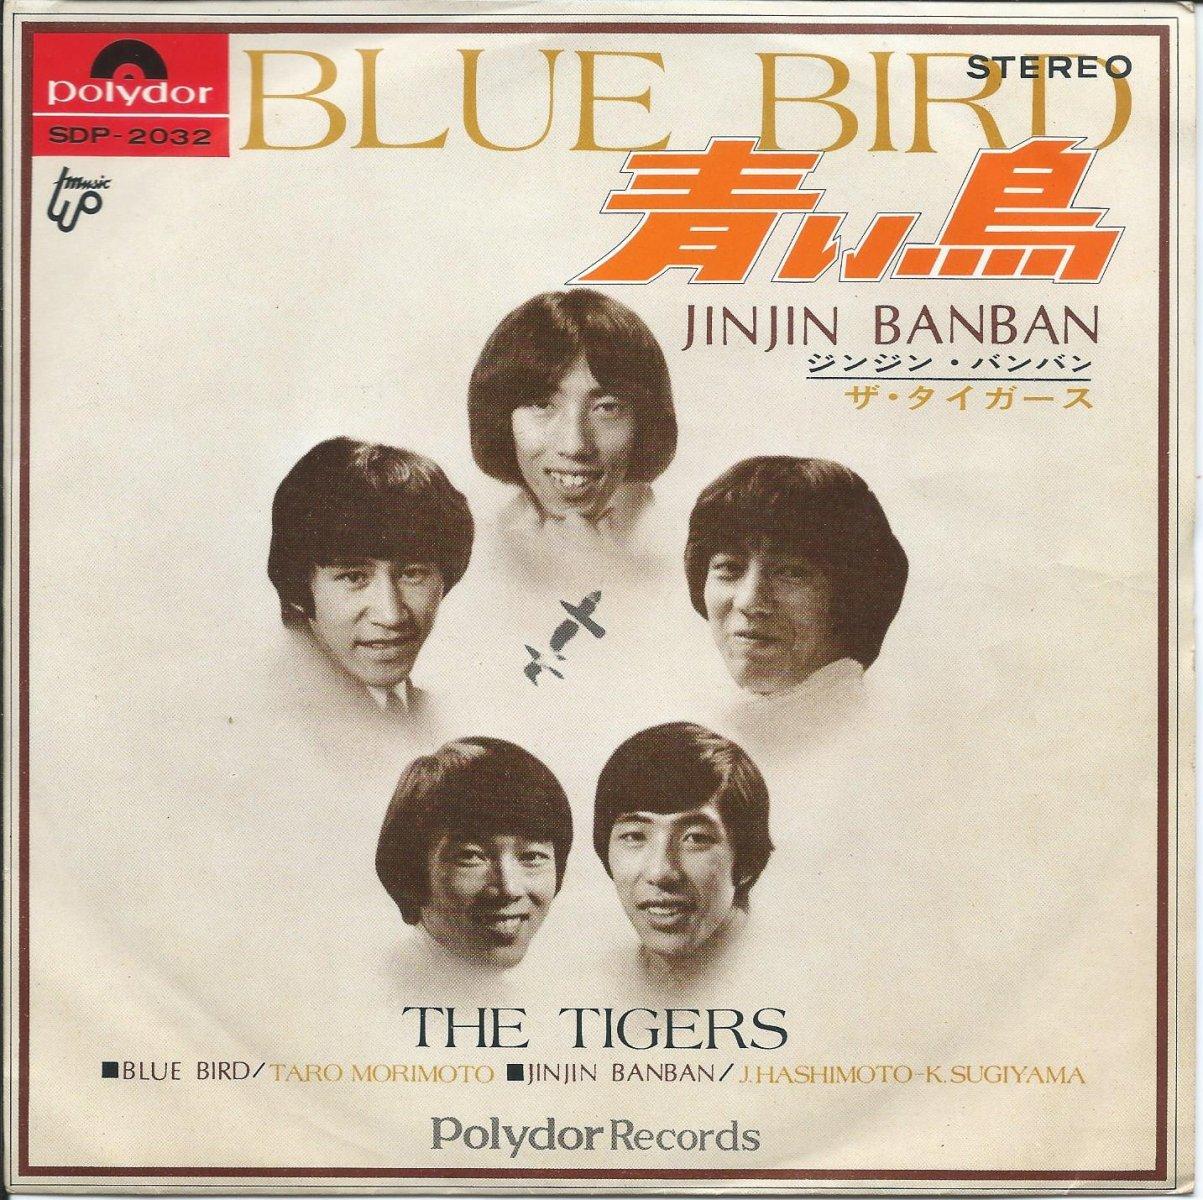 ザ・タイガース THE TIGERS / 青い鳥 BLUE BIRD / ジンジン・バンバン JINJIN BANBAN (7